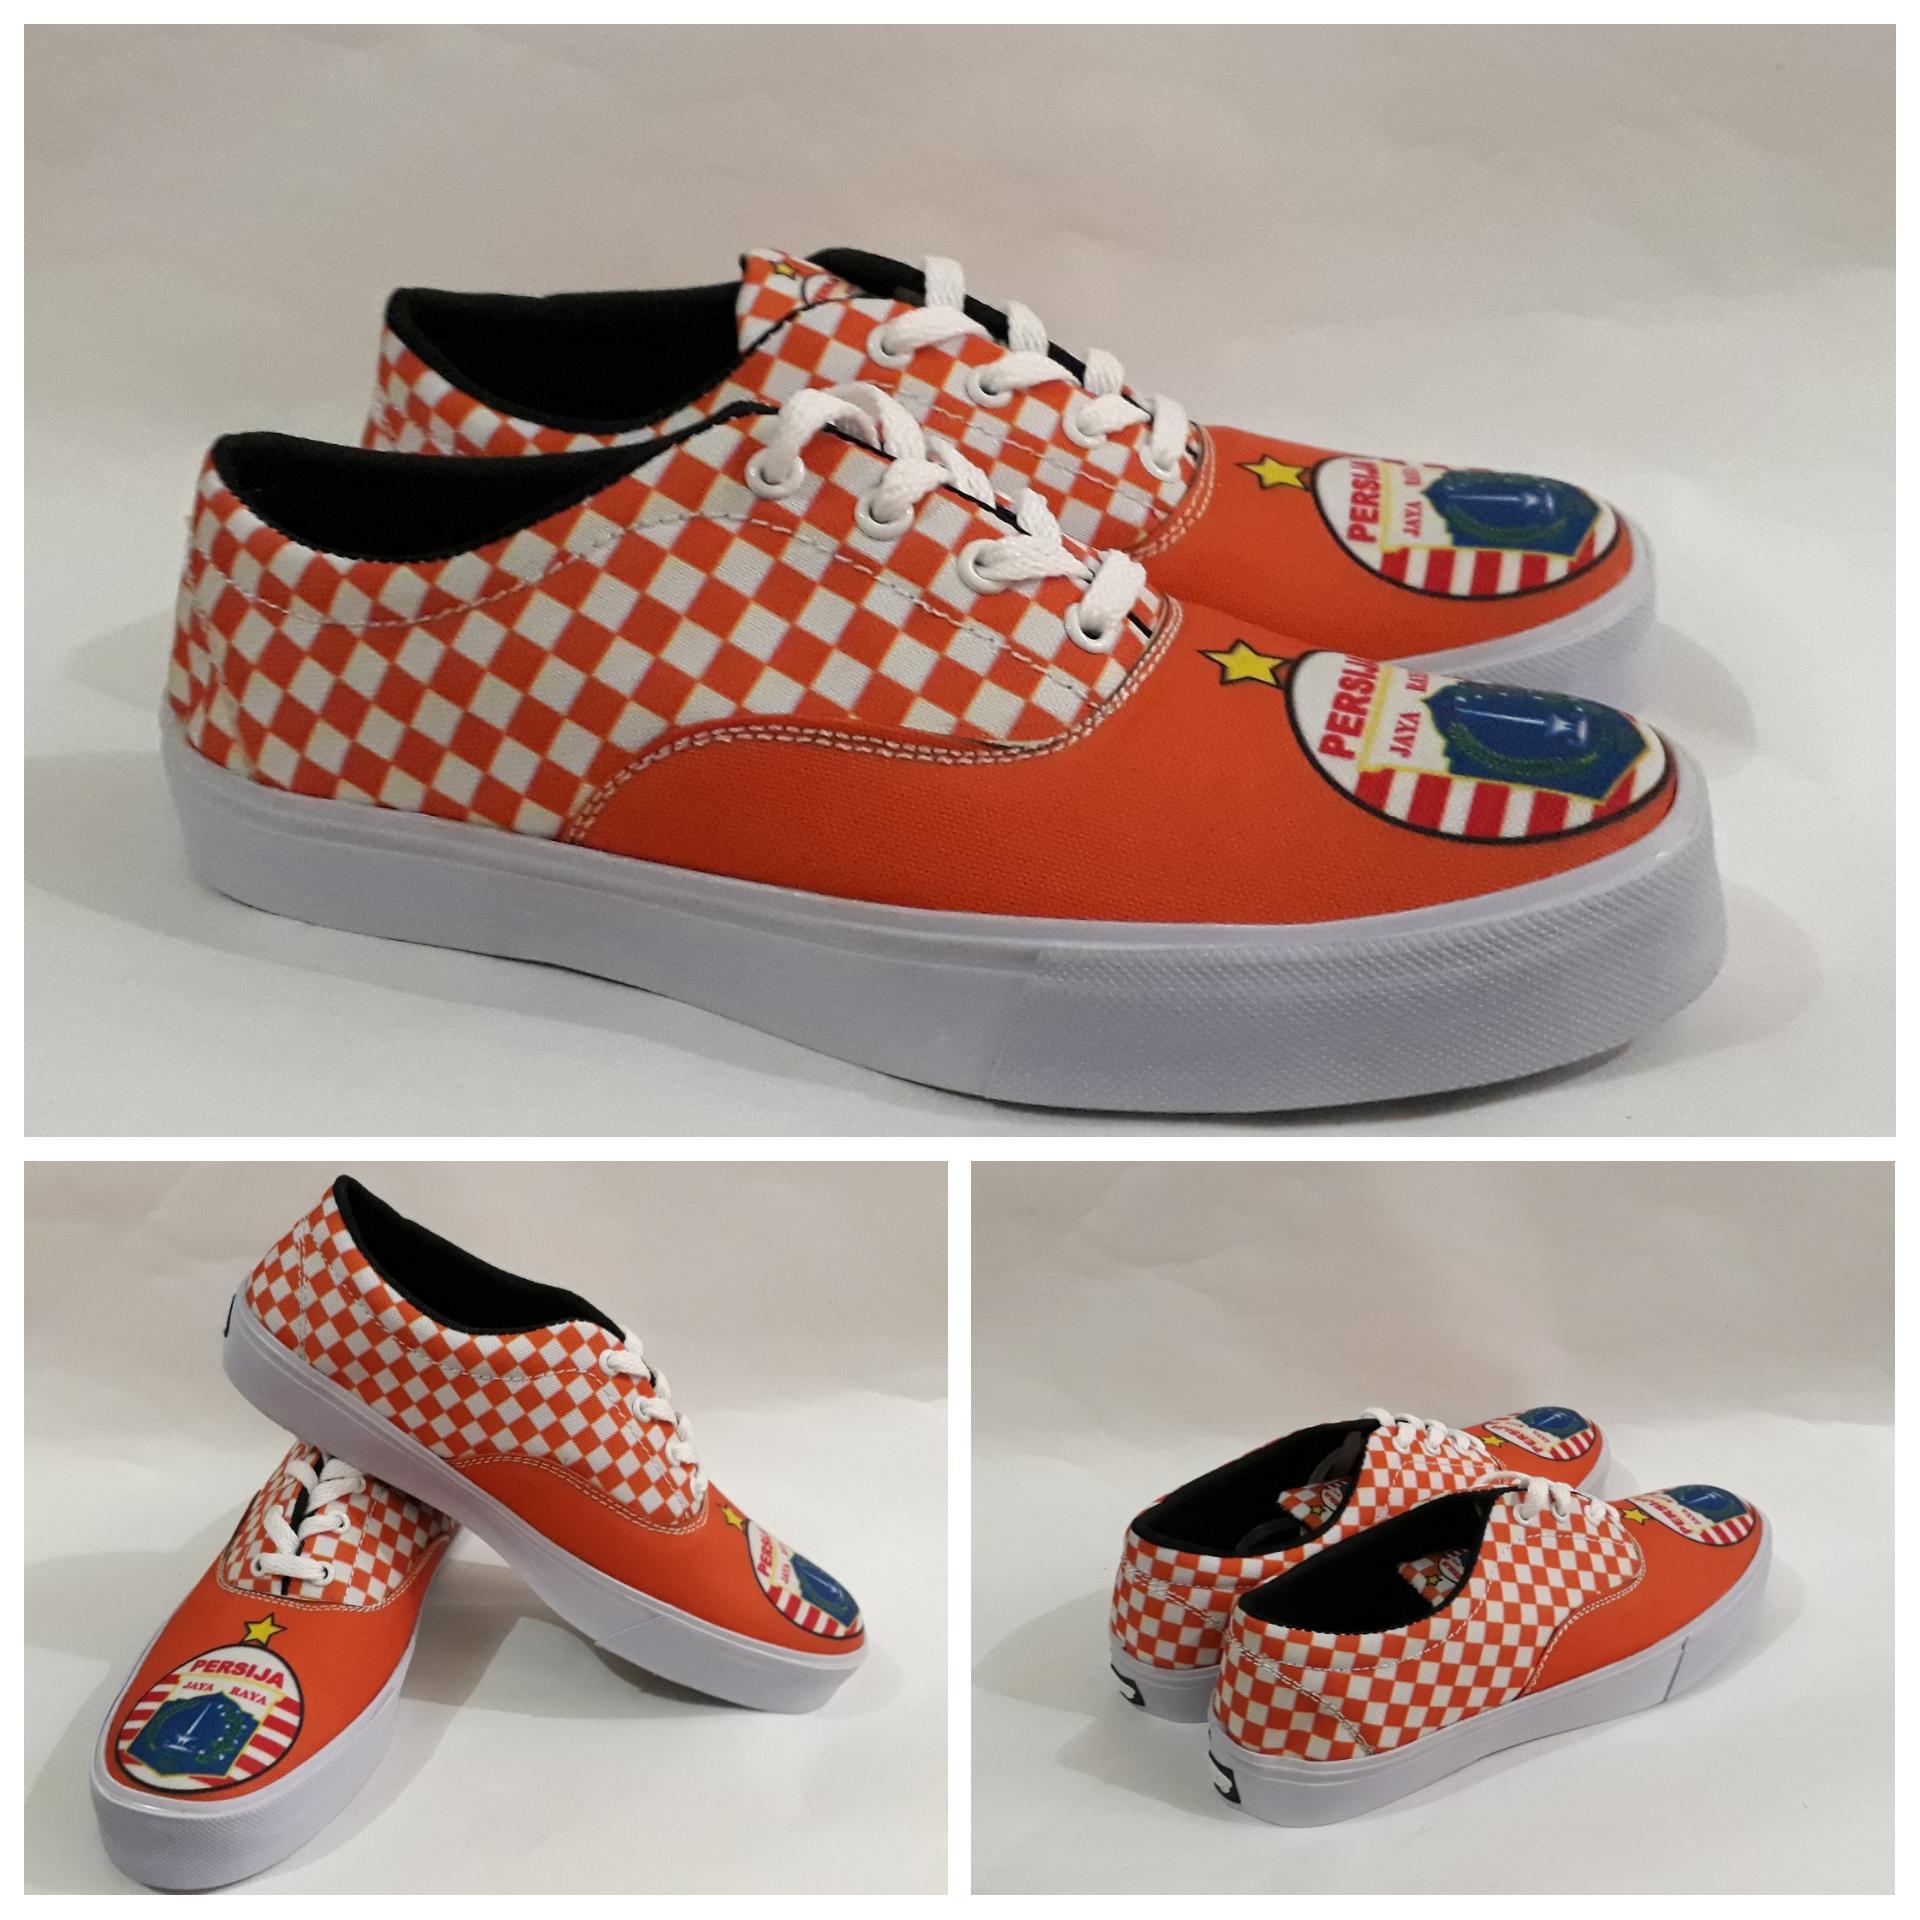 Sepatu Sneakers Printing Original Persija Jakarta